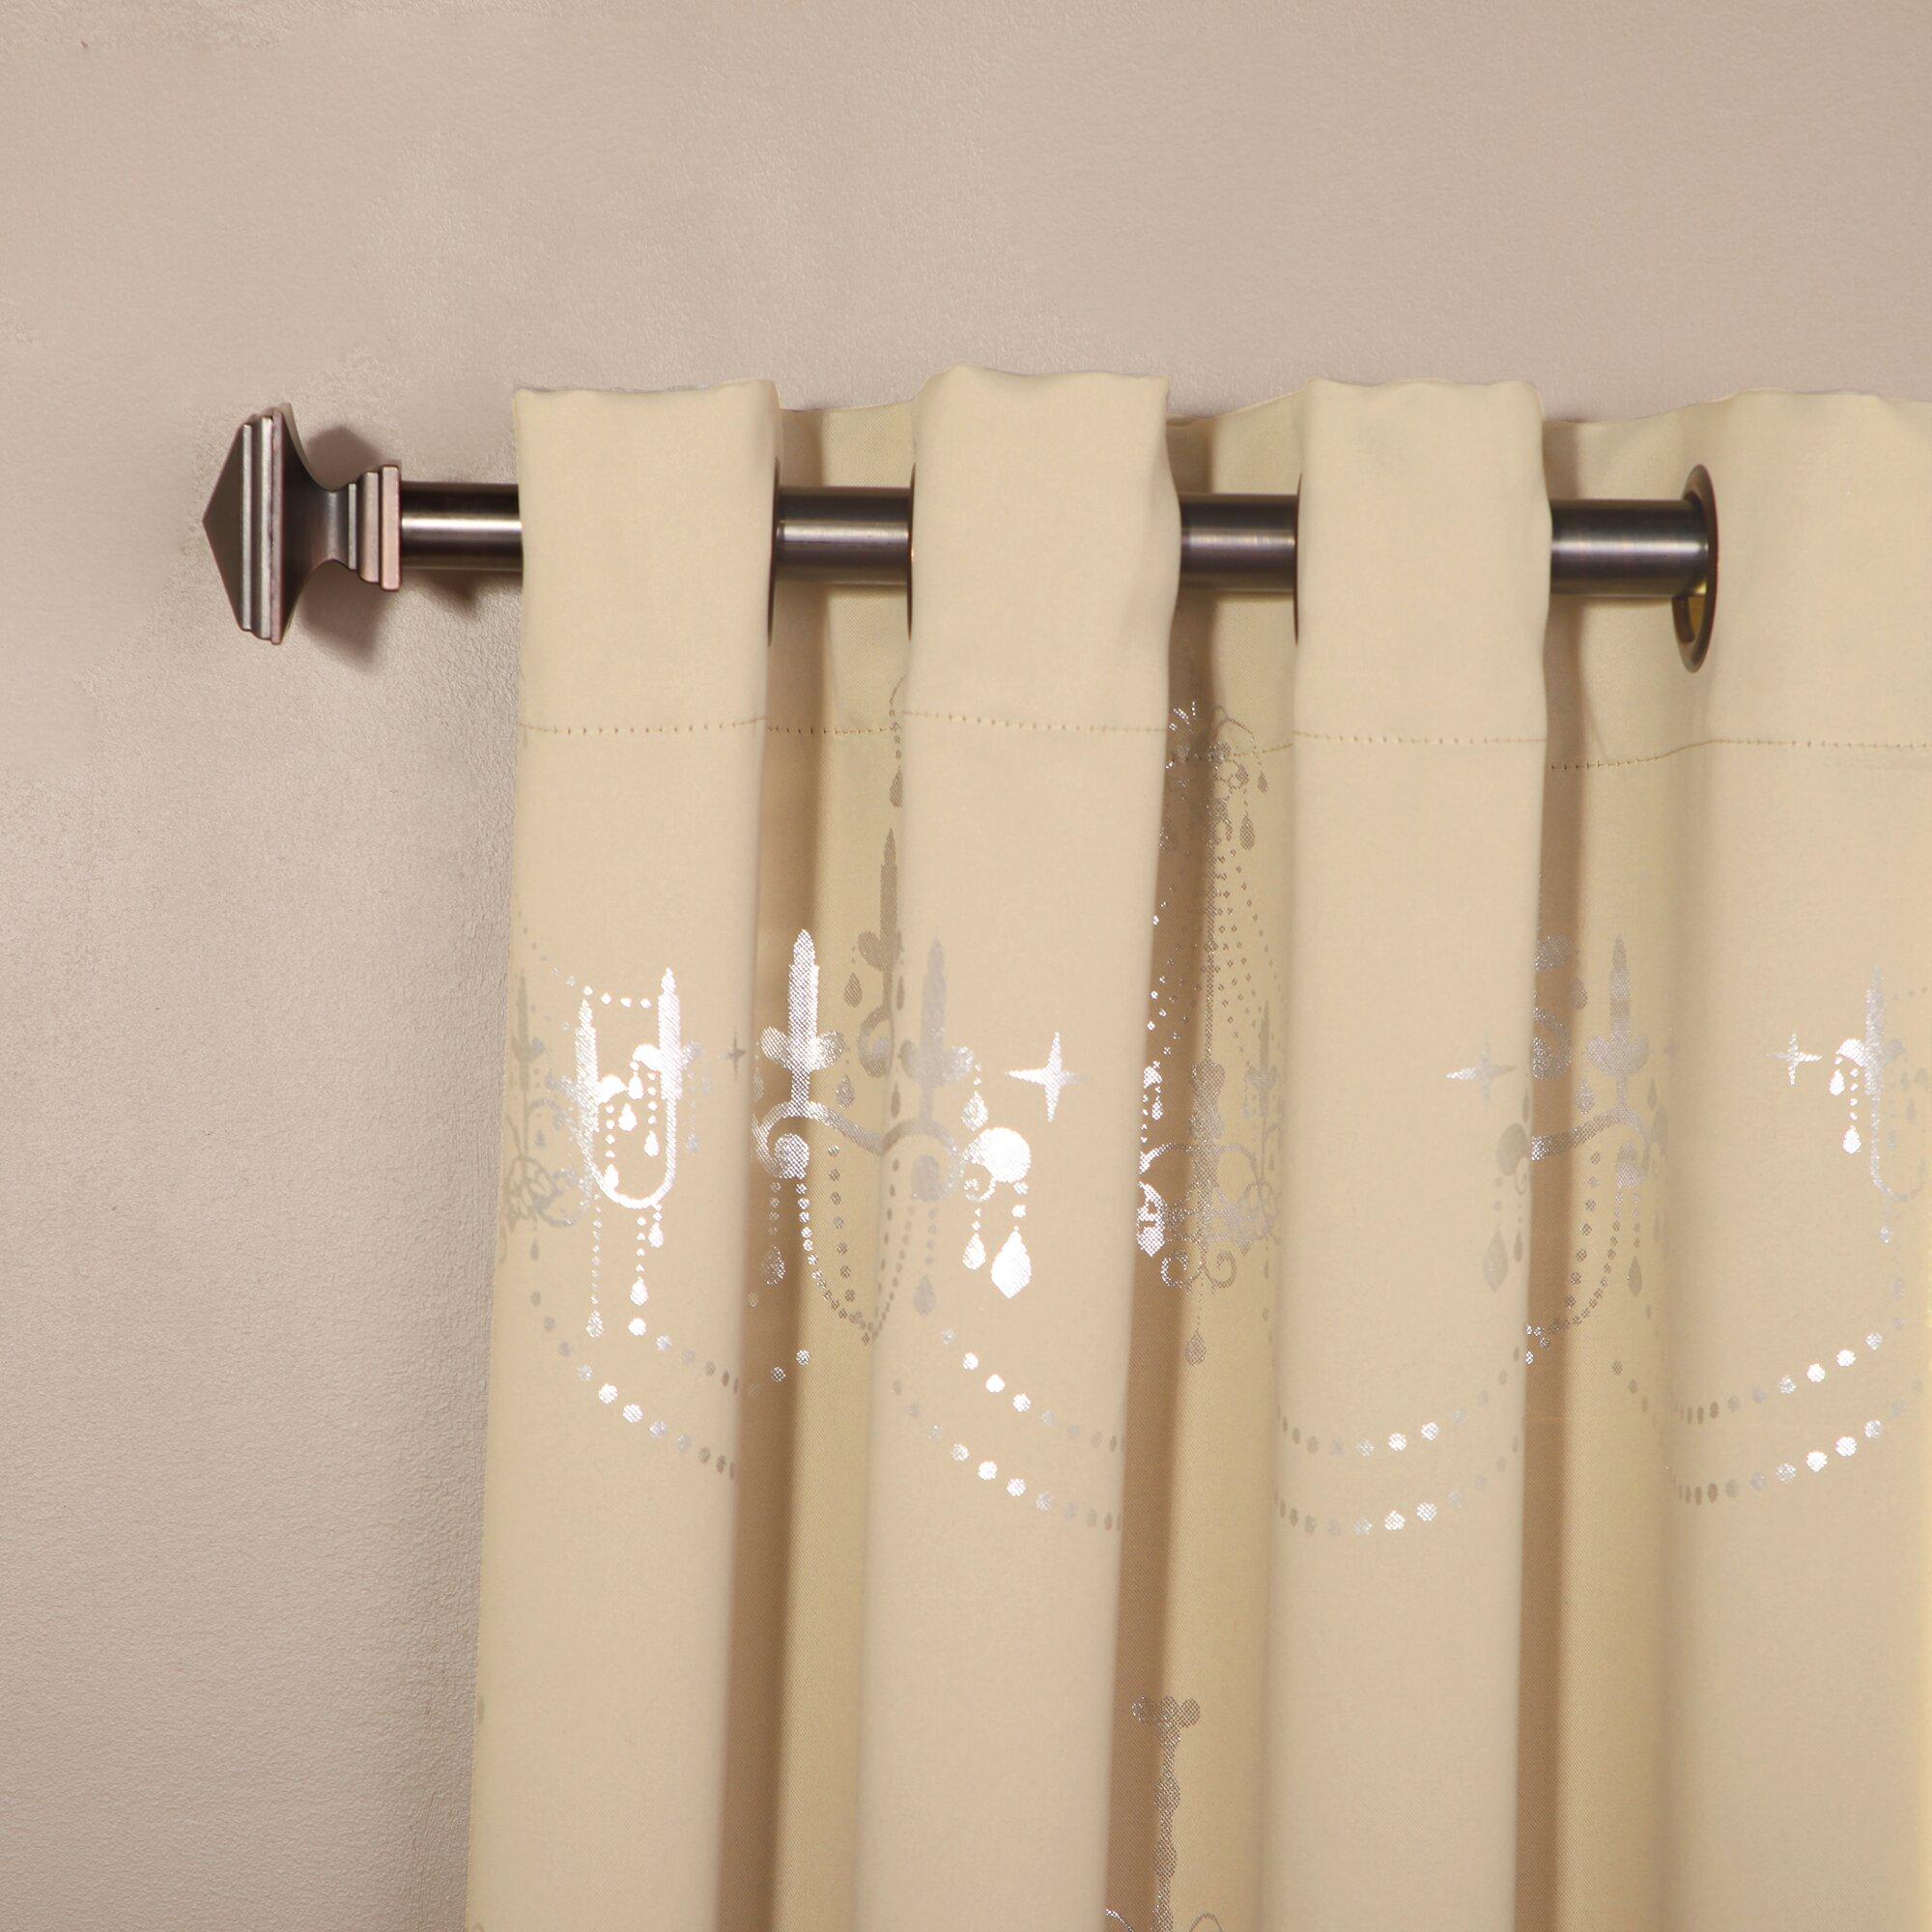 Best Home Fashion Inc Metallic Chandelier Print Grommet Top Blackout Curtain Panels Reviews